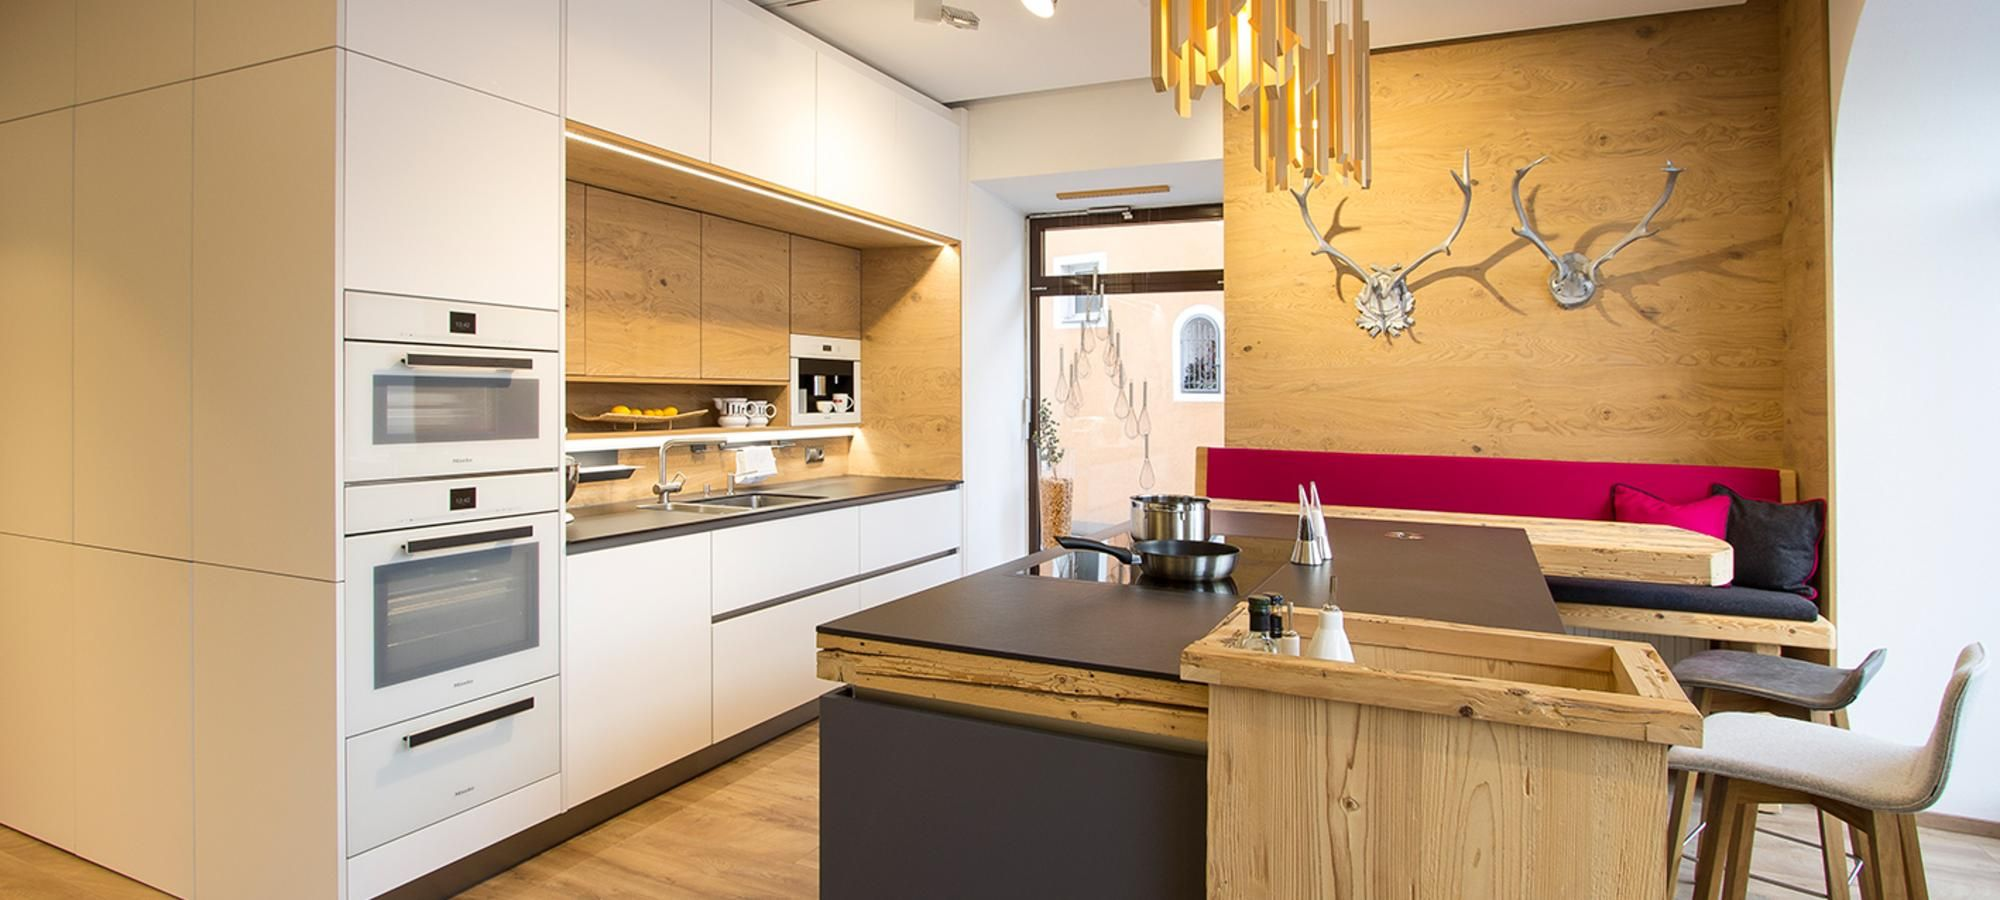 Vertrauen in höchste Qualität bei der Küchenplanung und ...